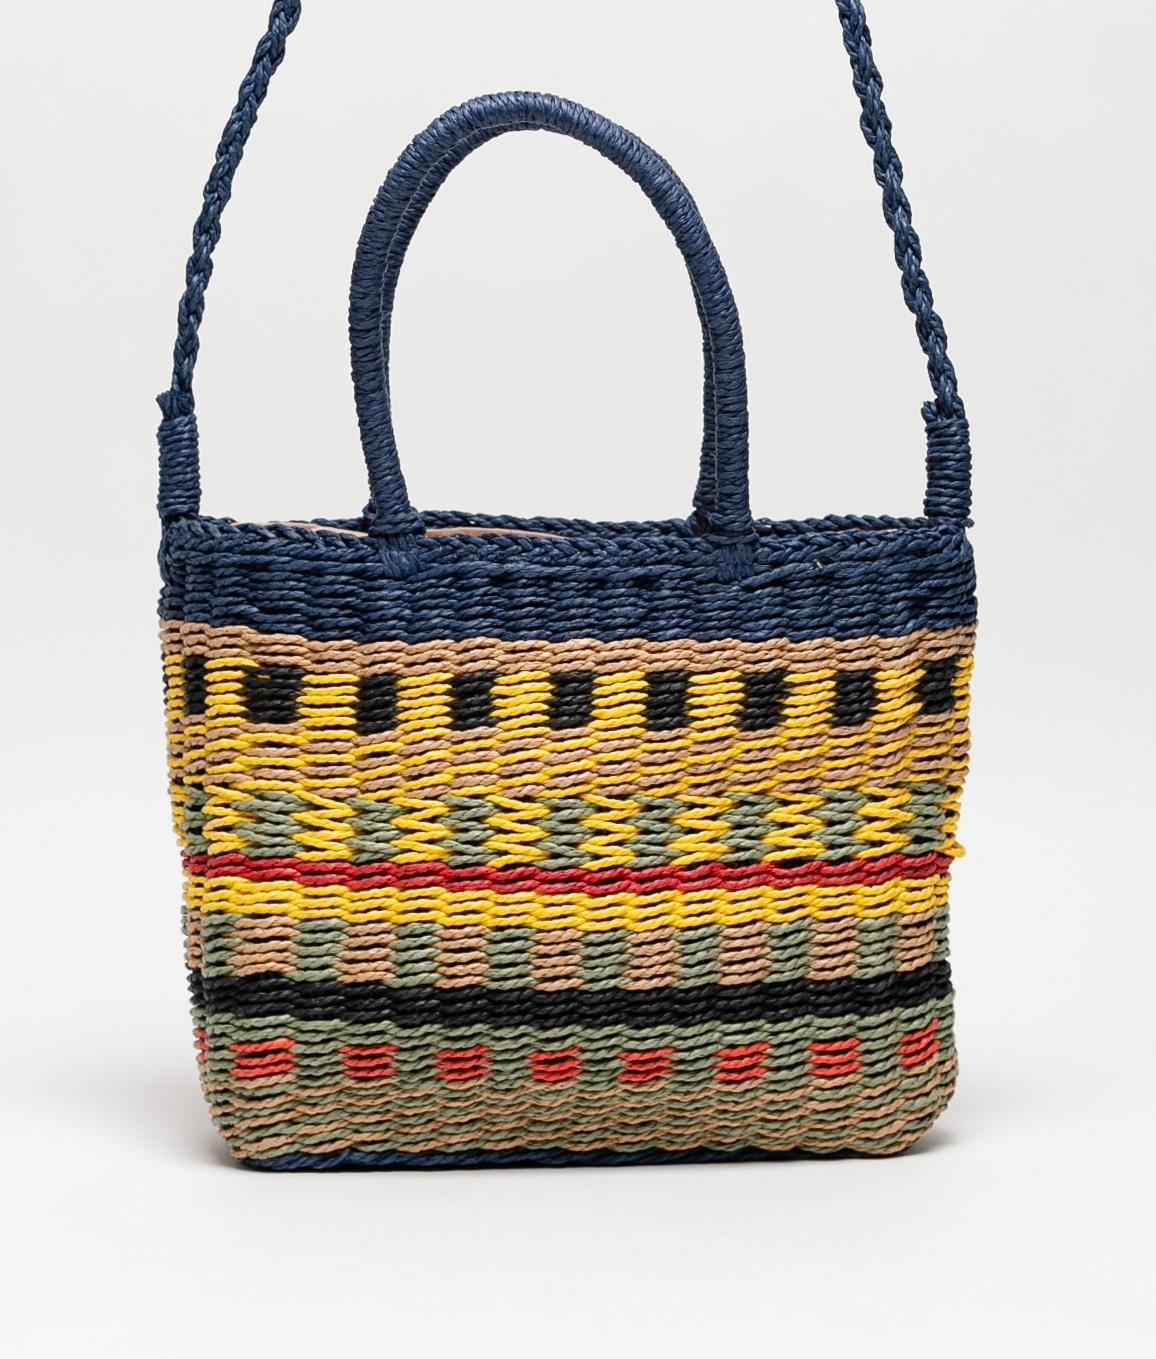 Bag Cies - Navy blue